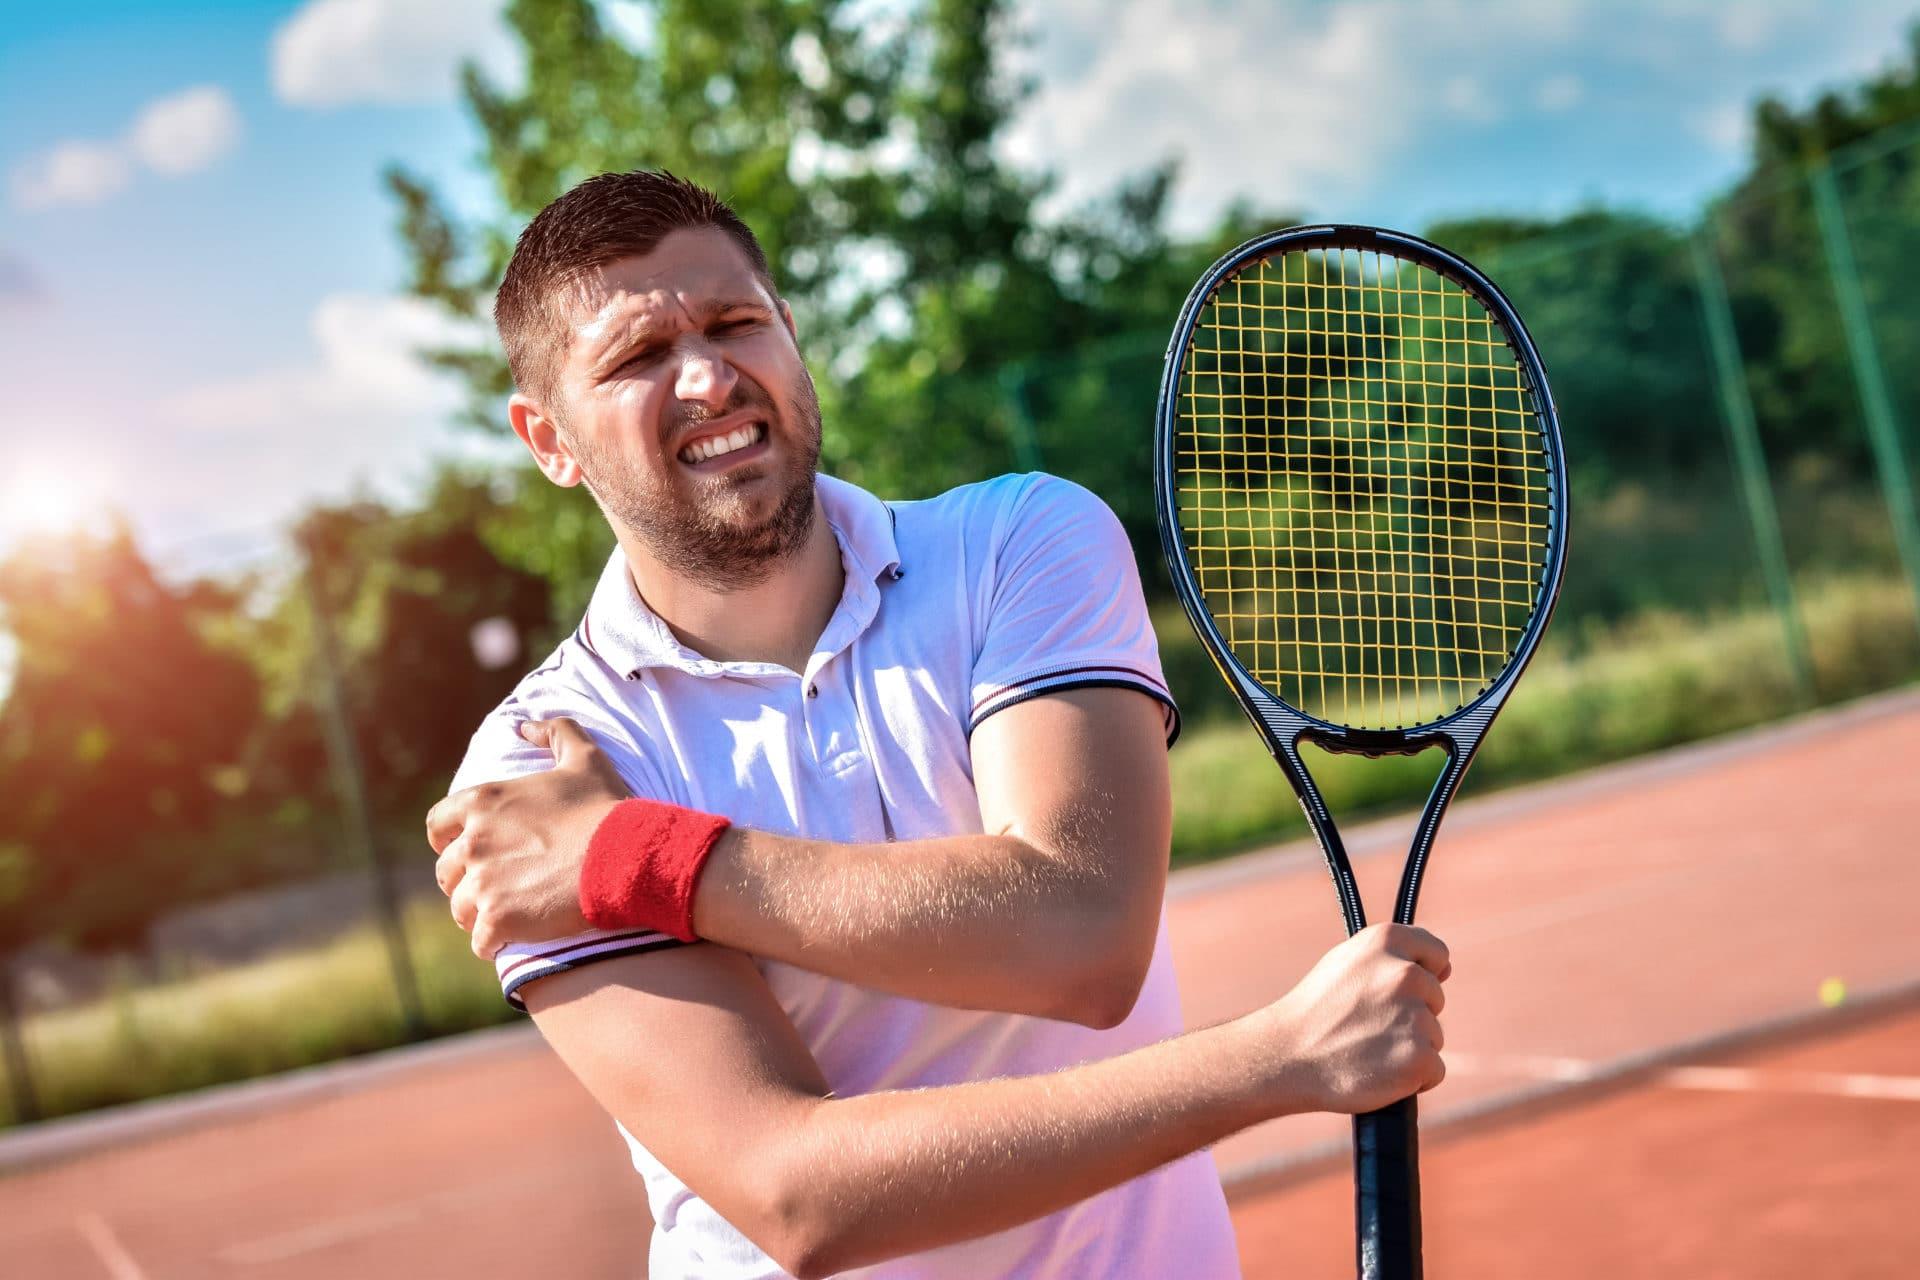 Tennis Verletzung wie behandeln